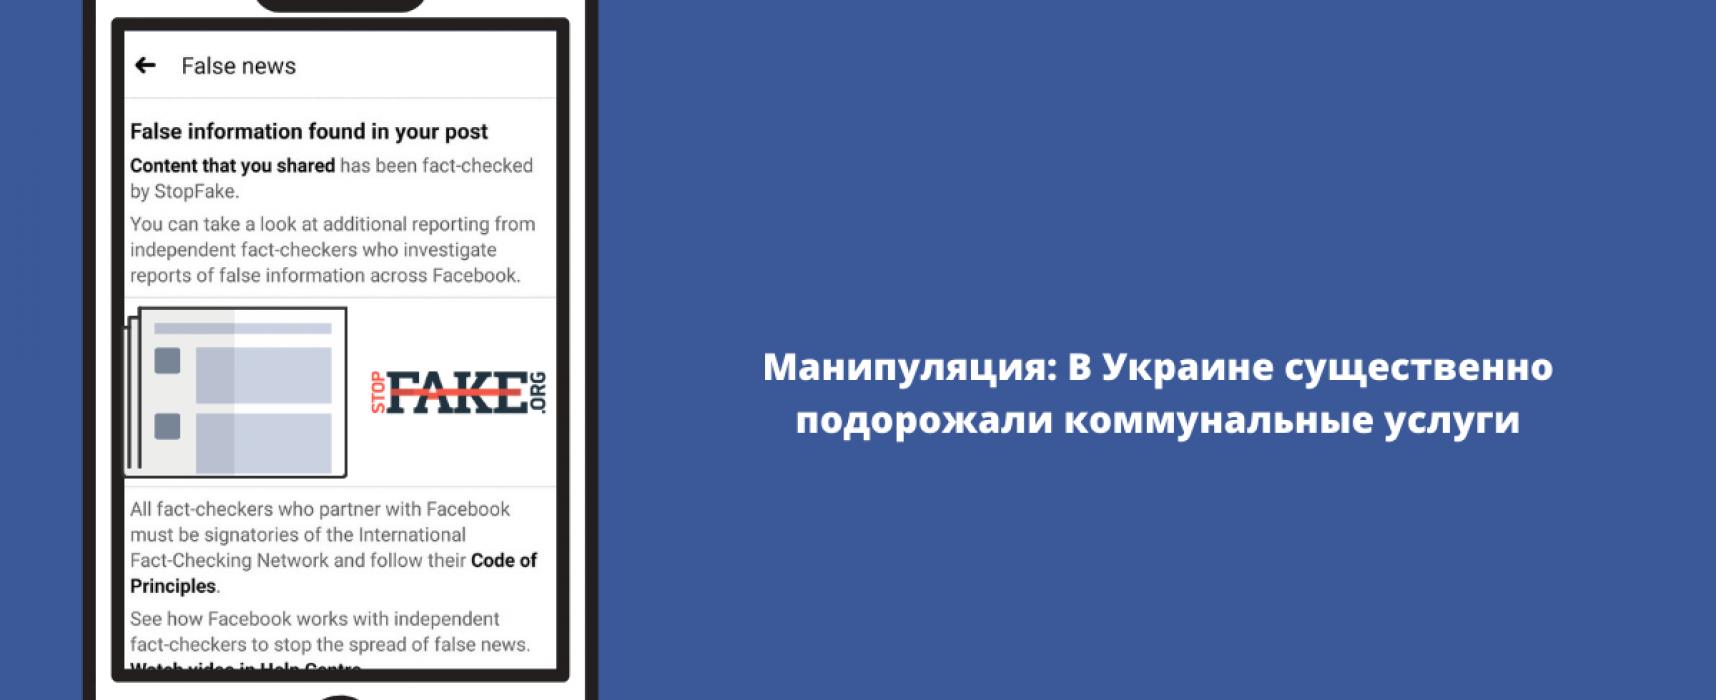 Маніпуляція: В Україні істотно подорожчали комунальні послуги